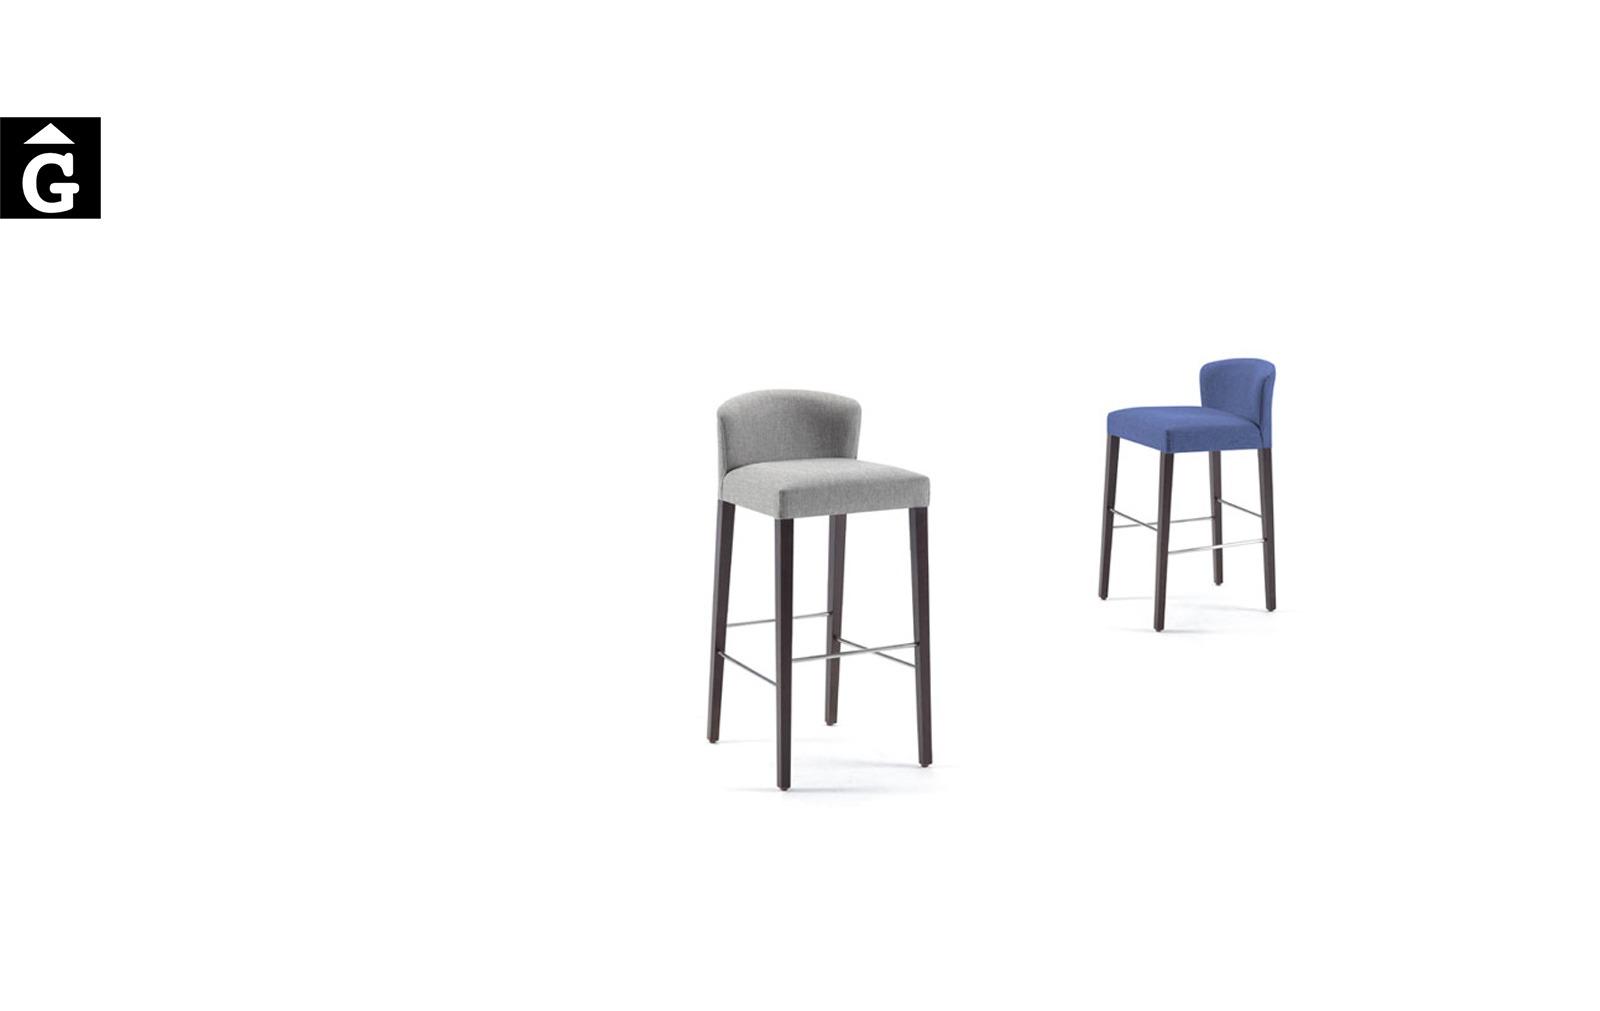 Tamboret Retro | Doos | mobles Gifreu taules i cadires alta qualitat